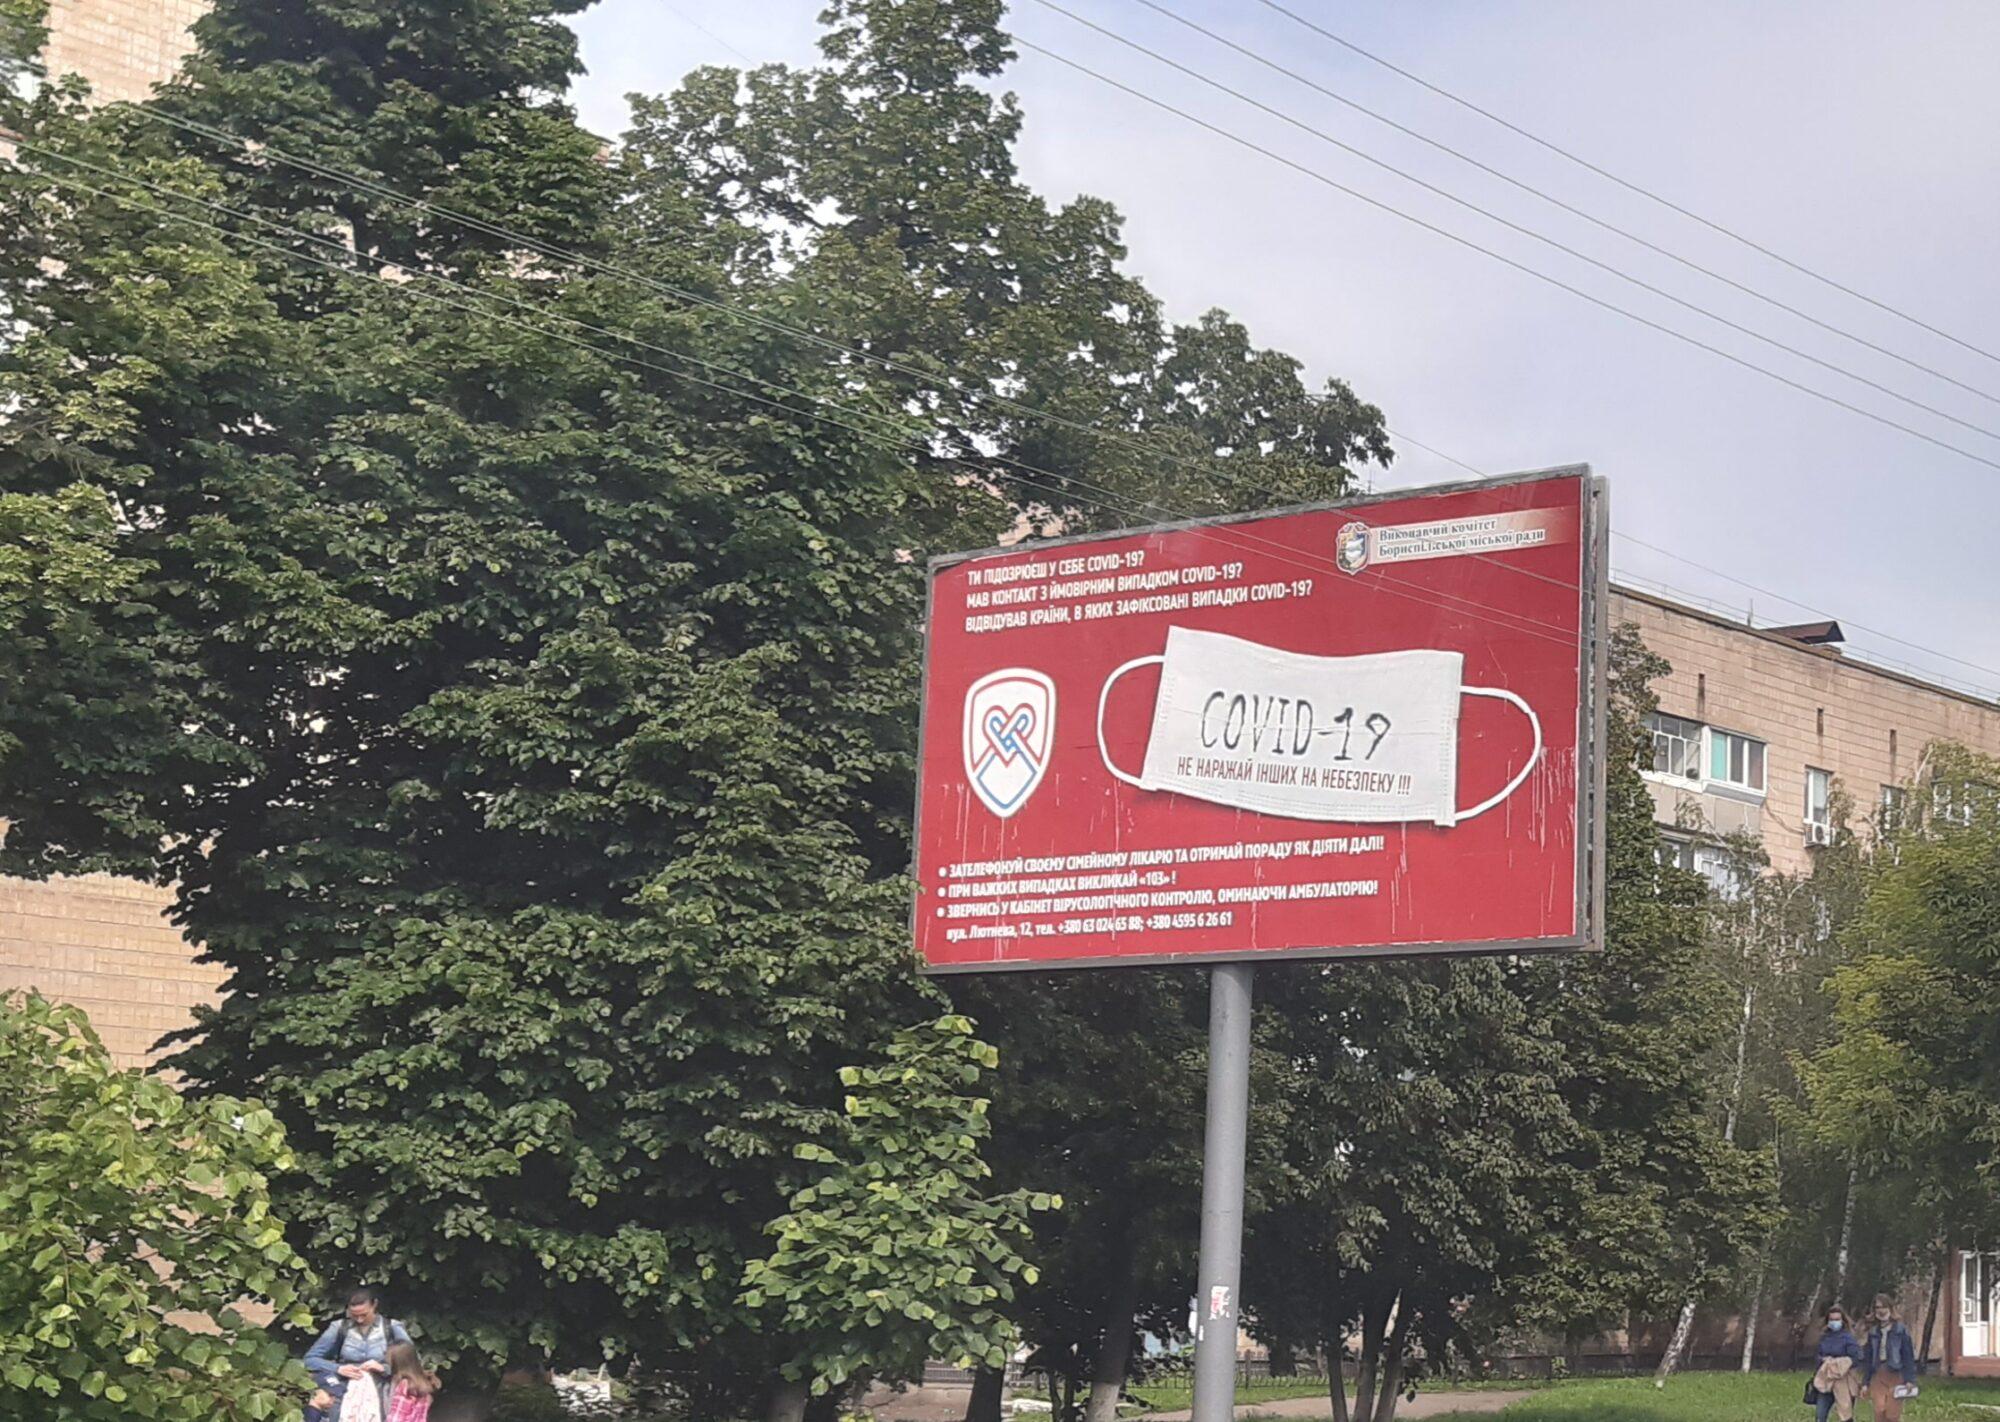 У Бориспільському районі 76 хворих на COVID-19, у місті - 60 - статистика, Бориспіль - 20200605 164538 2000x1422